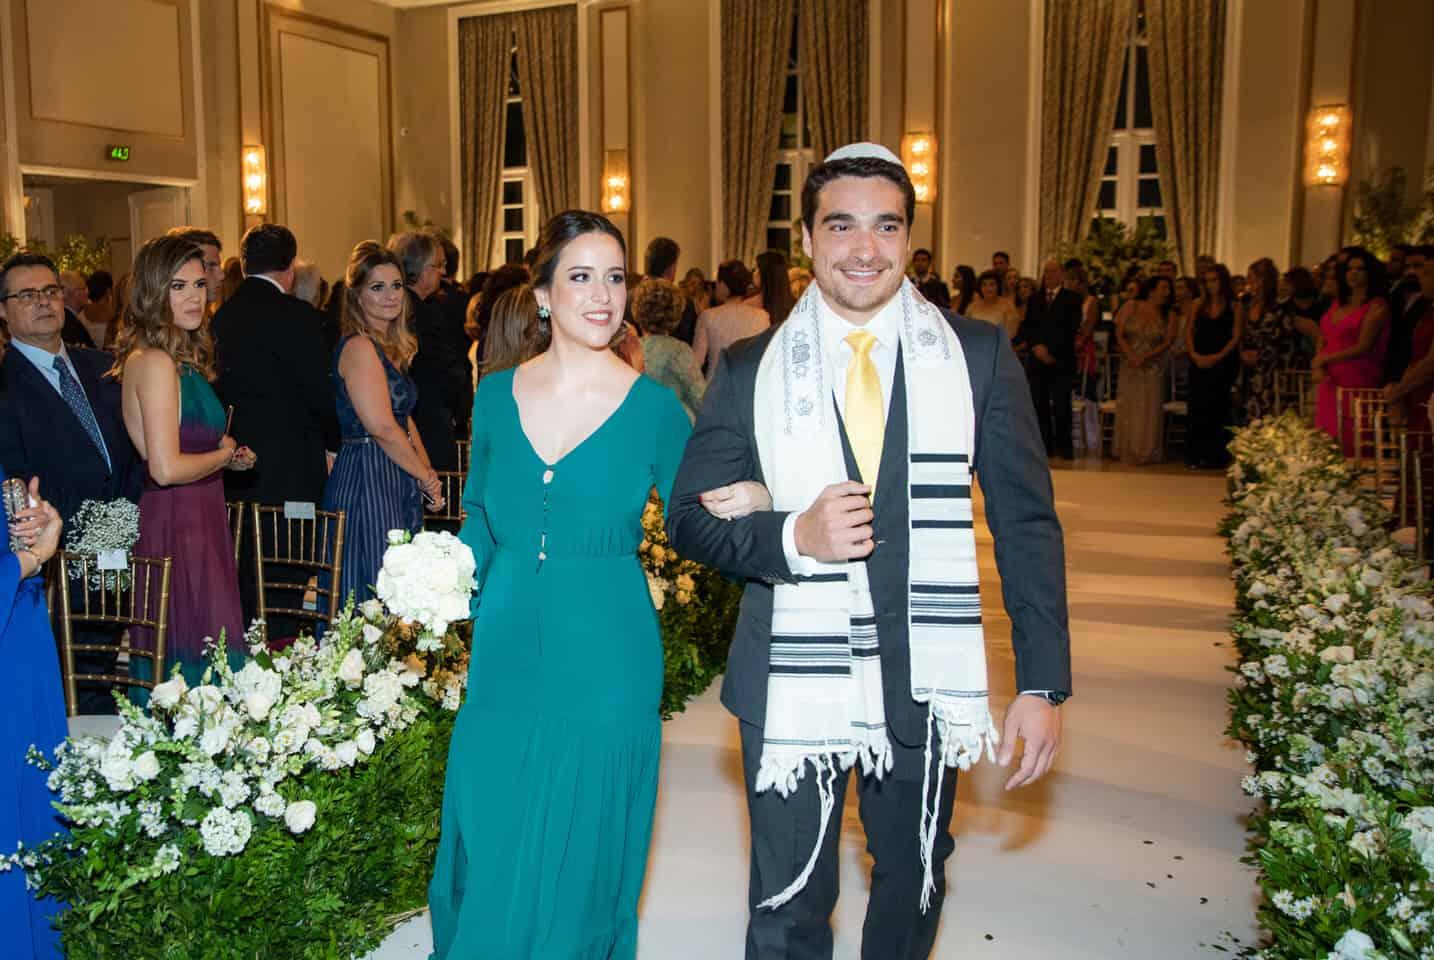 casamento-clássico-casamento-tradicional-casamento-fabiane-e-gustavo-copacabana-palace-rio-de-janeiro-Fotografa-Rodrigo-Sack-29